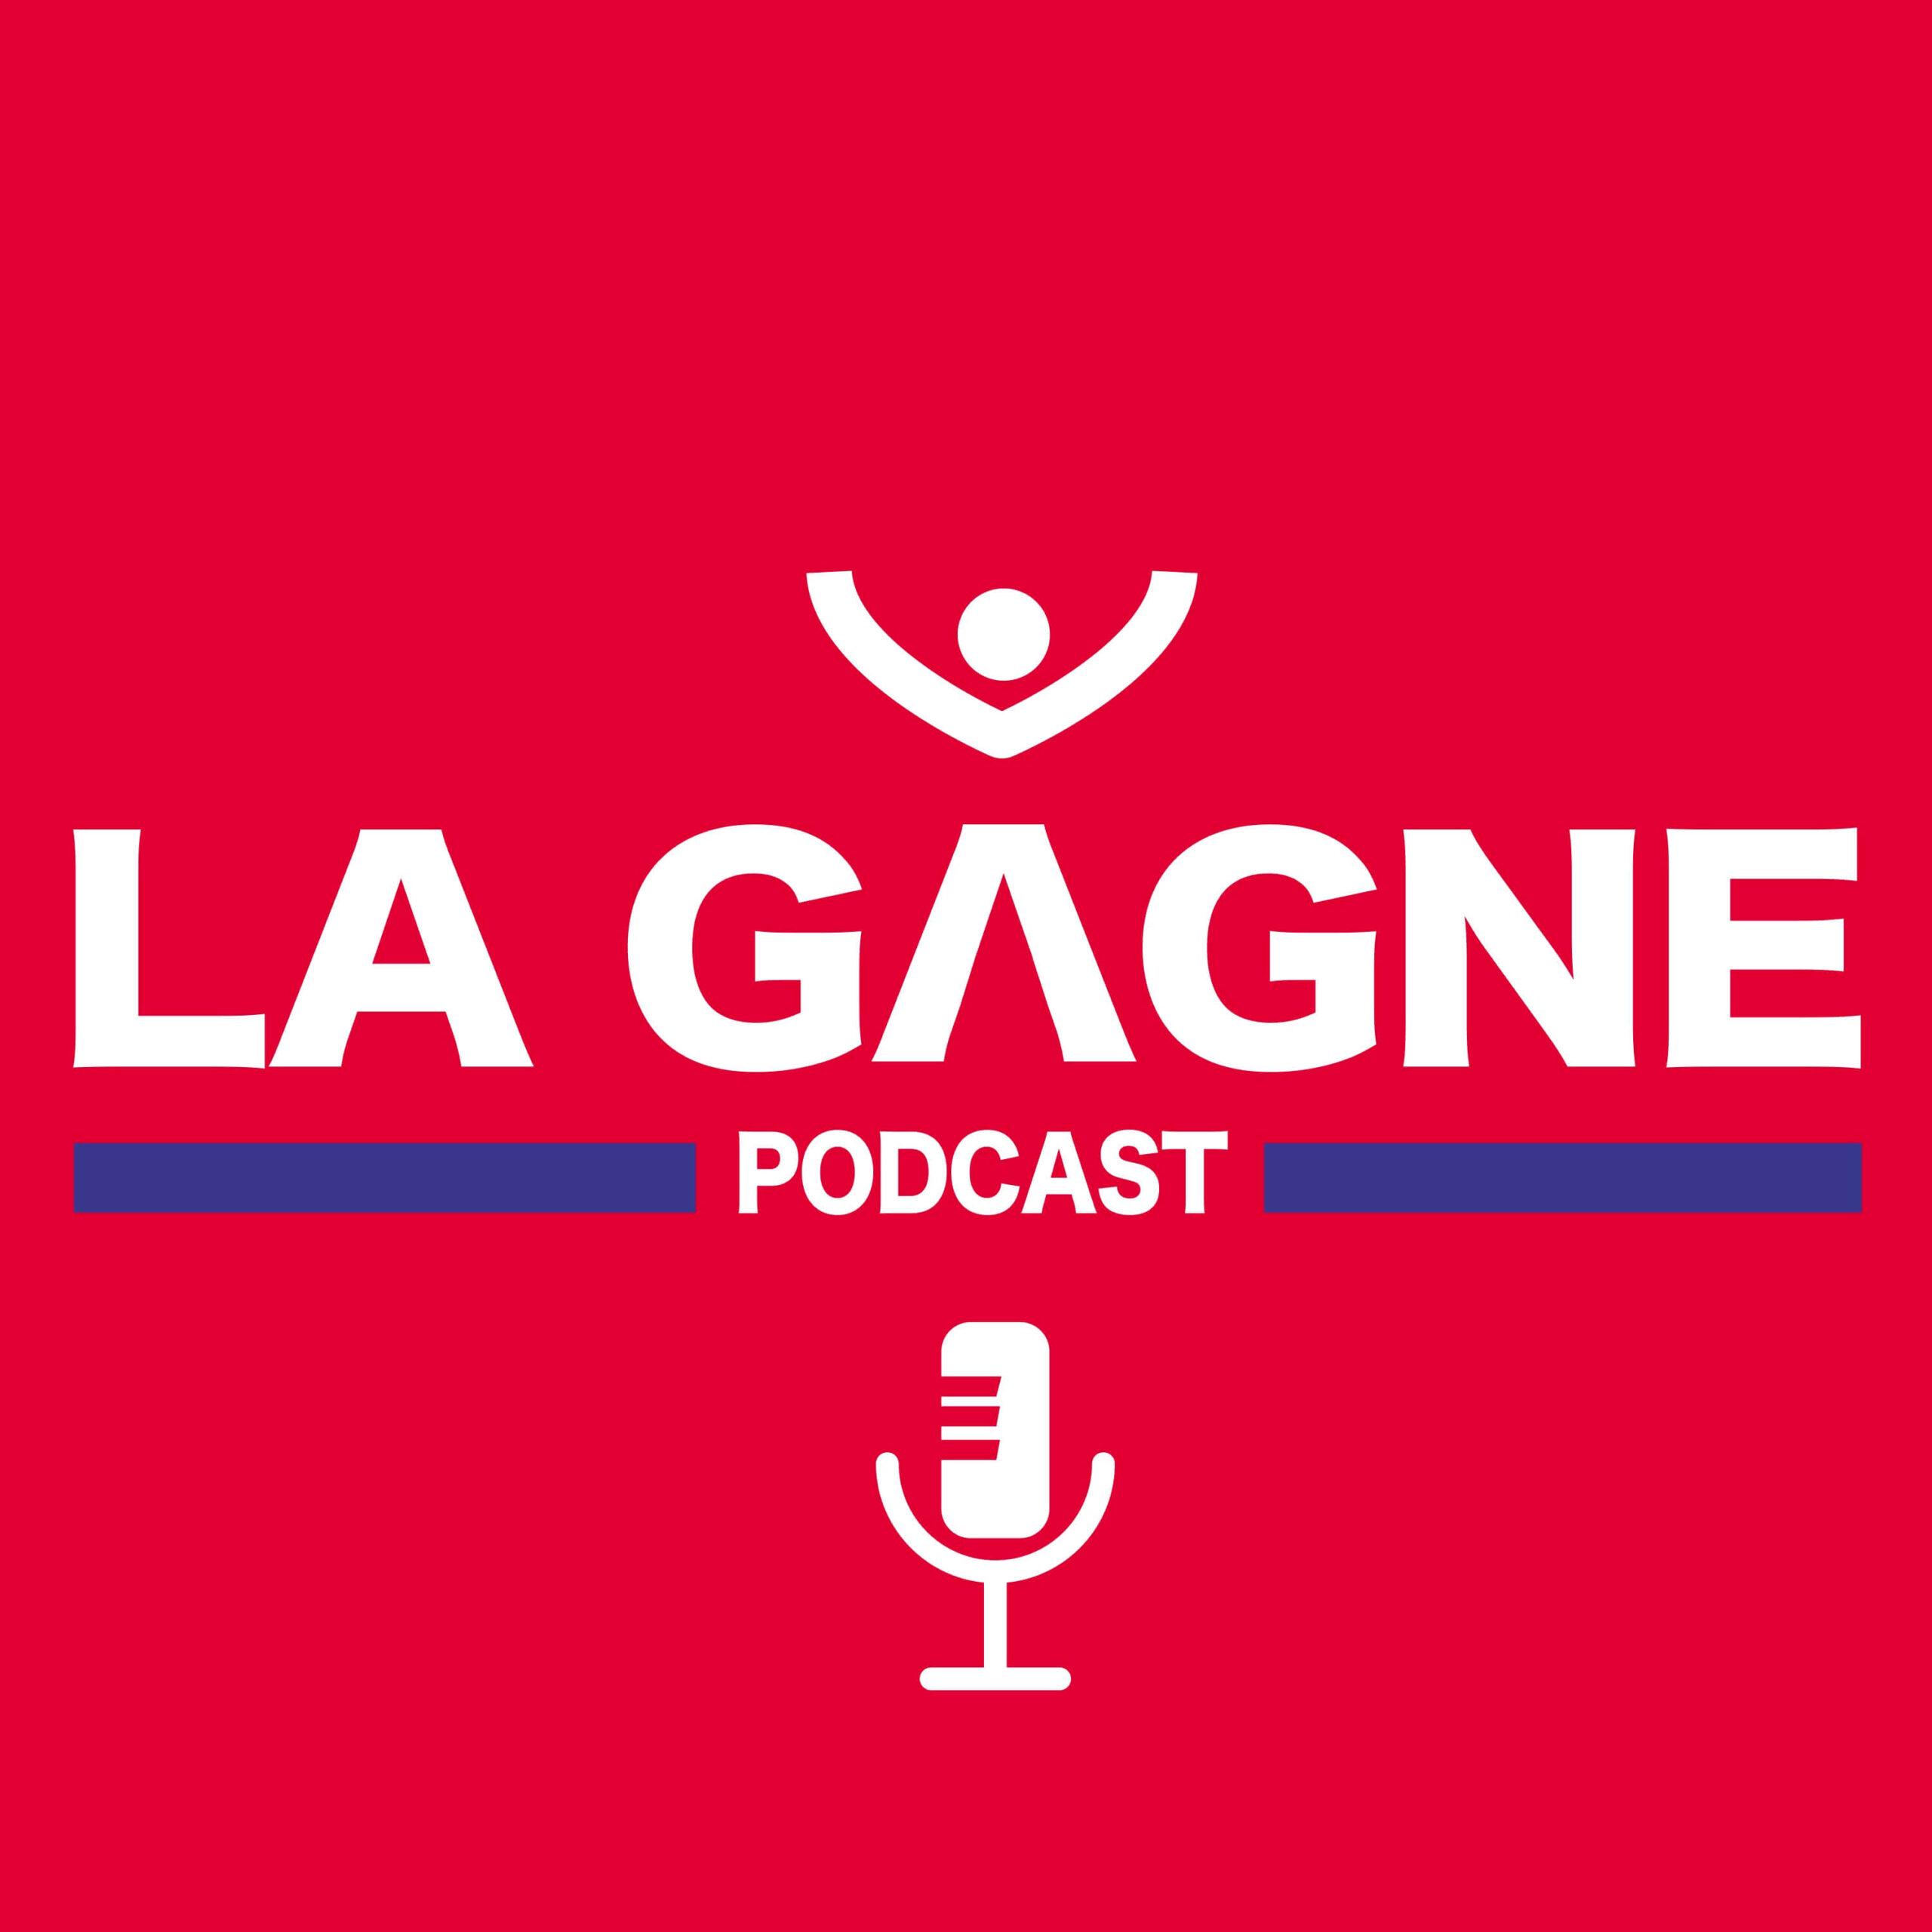 La Gagne Podacast AL DRONE